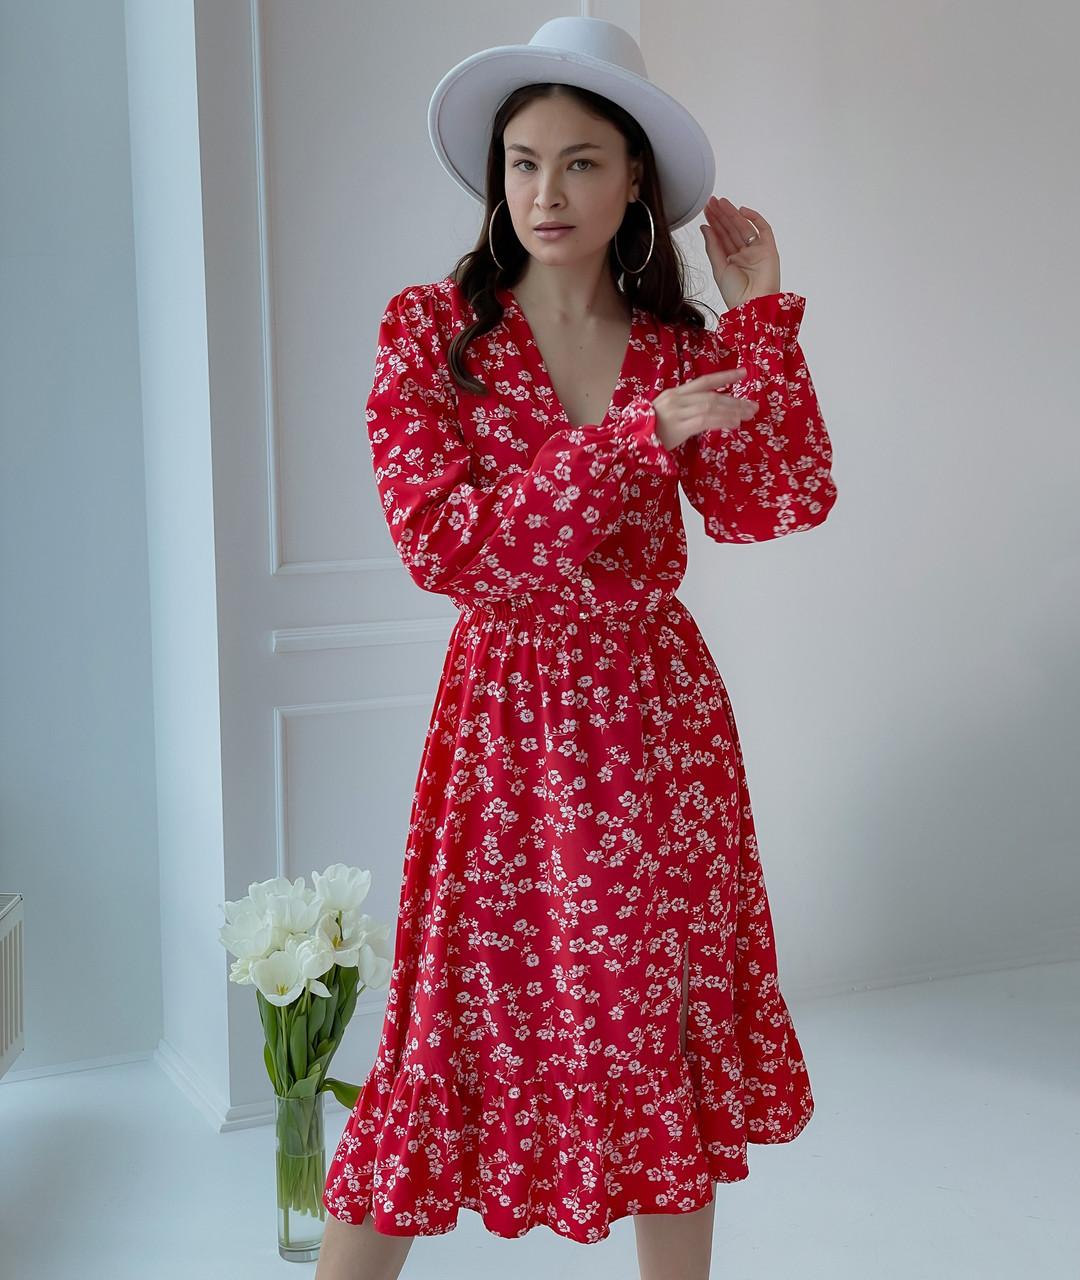 Приталене жіноче плаття-міді з квітковим принтом